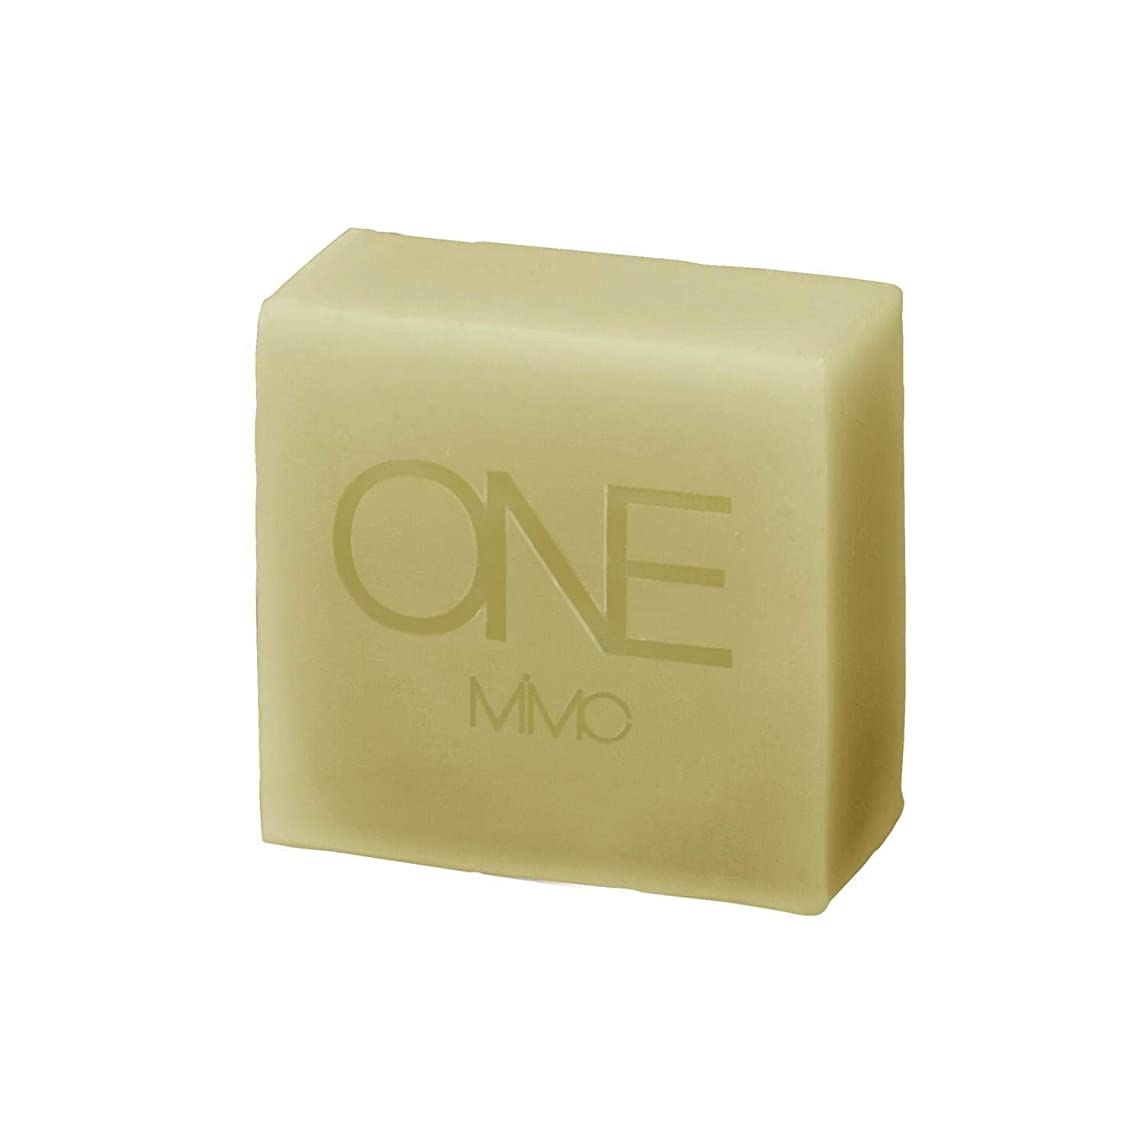 理由リール真似る【MiMC ONE(エムアイエムシー ワン)】ハーブプロテクトソープ フォーアウトドア/アブサンガード 85g